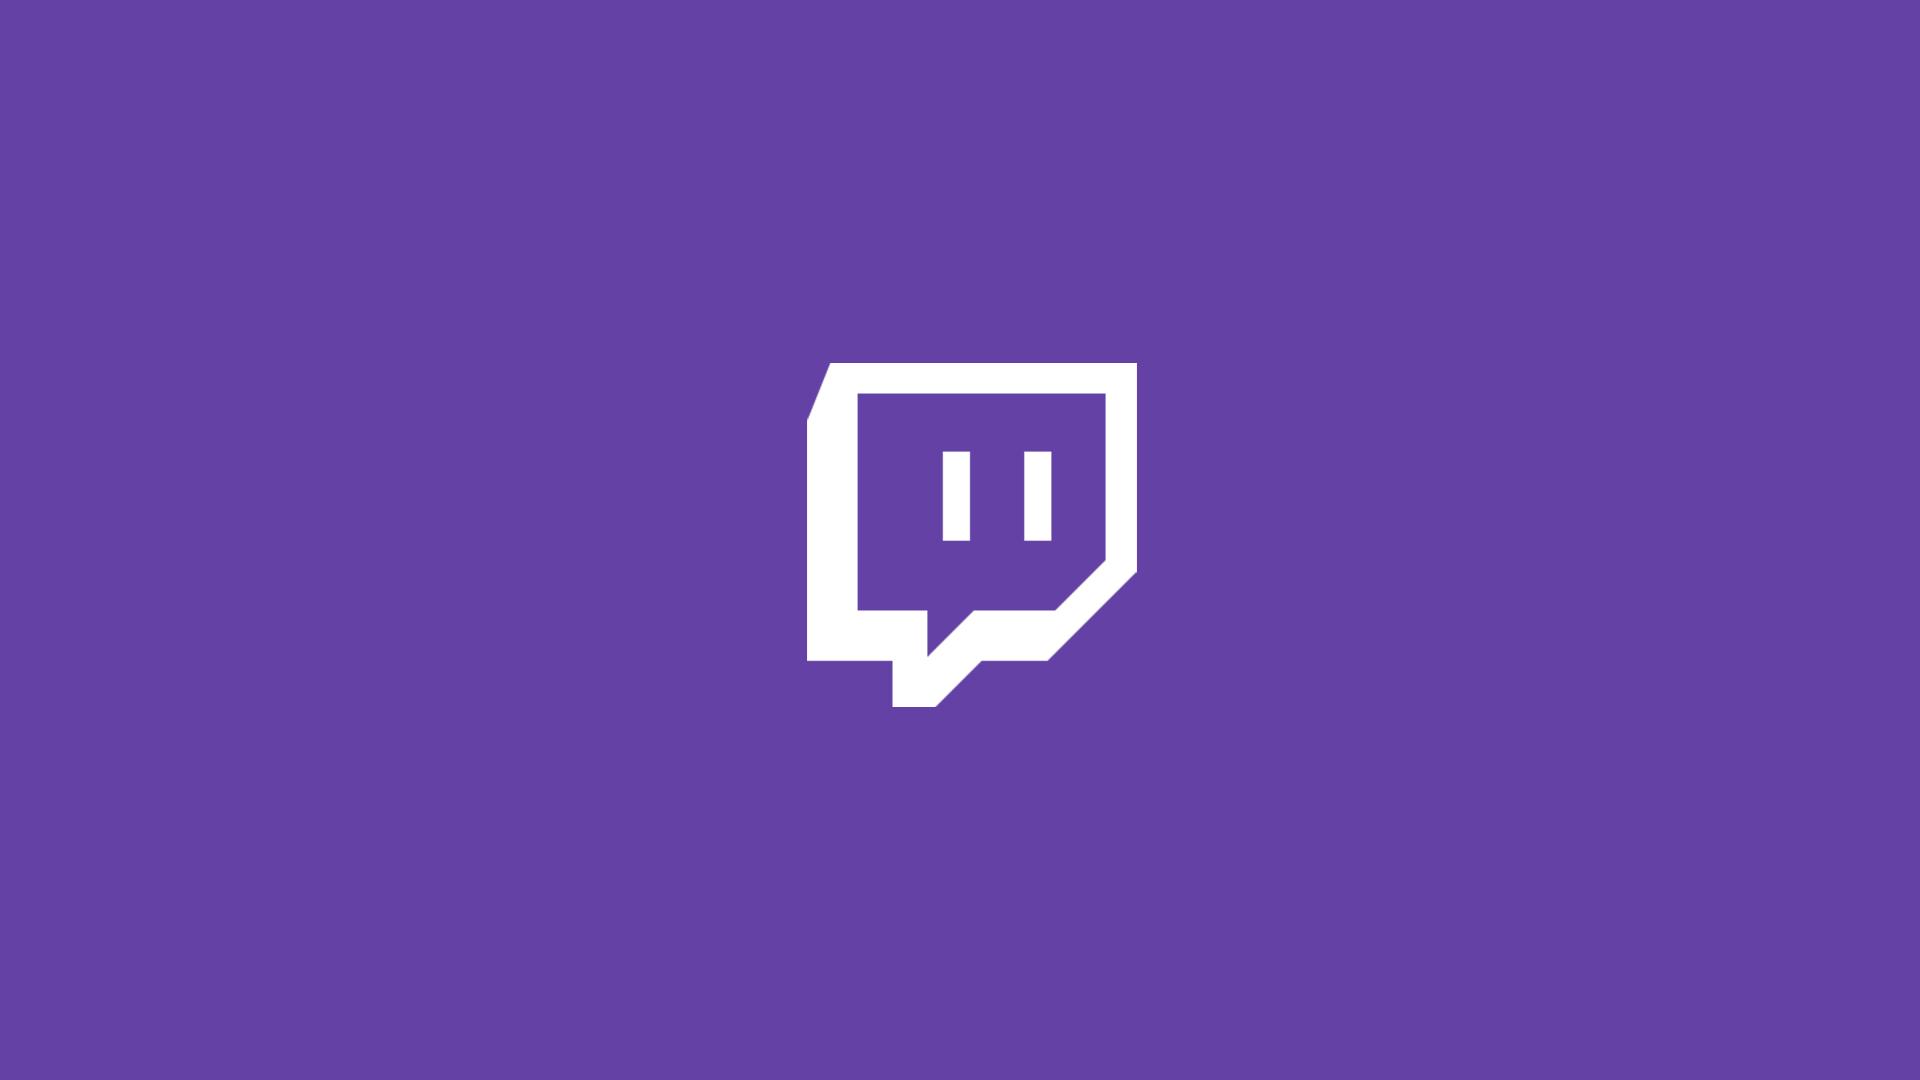 Twitch видеостриминговый сервис специализирующийся на тематике компьютерных игр в том